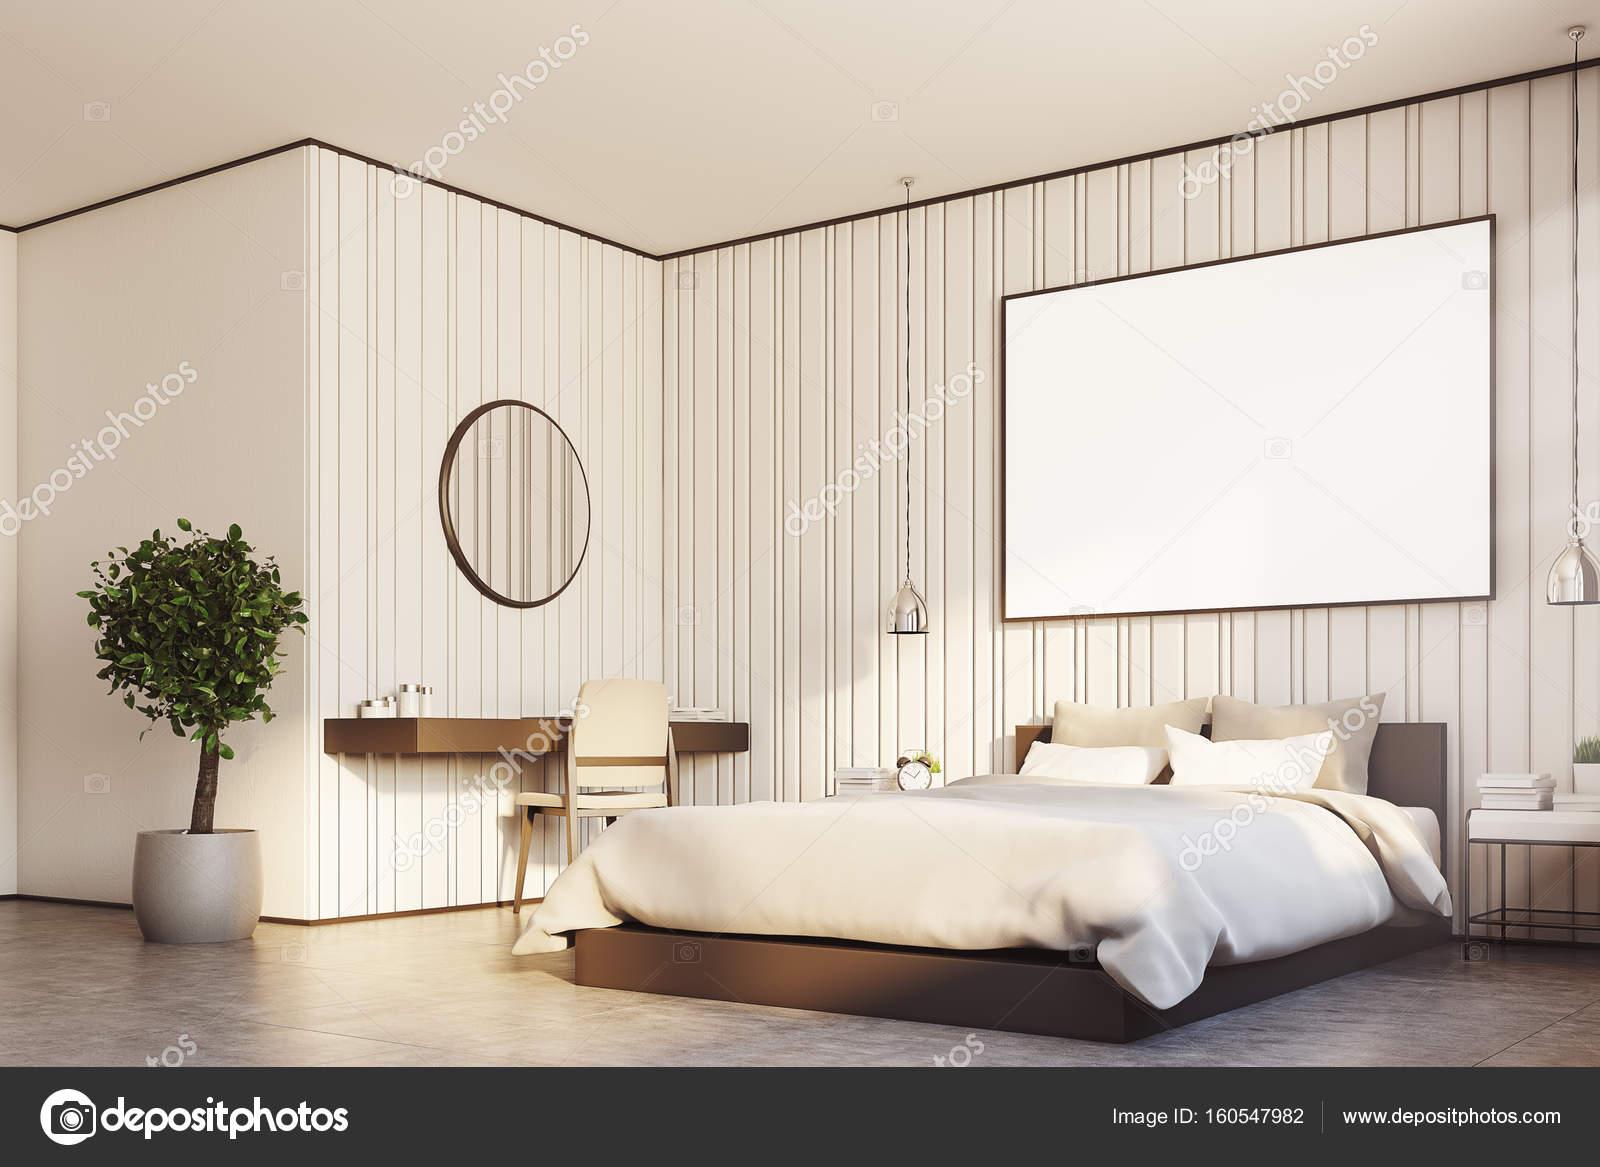 Grote Posters Slaapkamer : Beige slaapkamer met een grote poster dicht in de kant u stockfoto